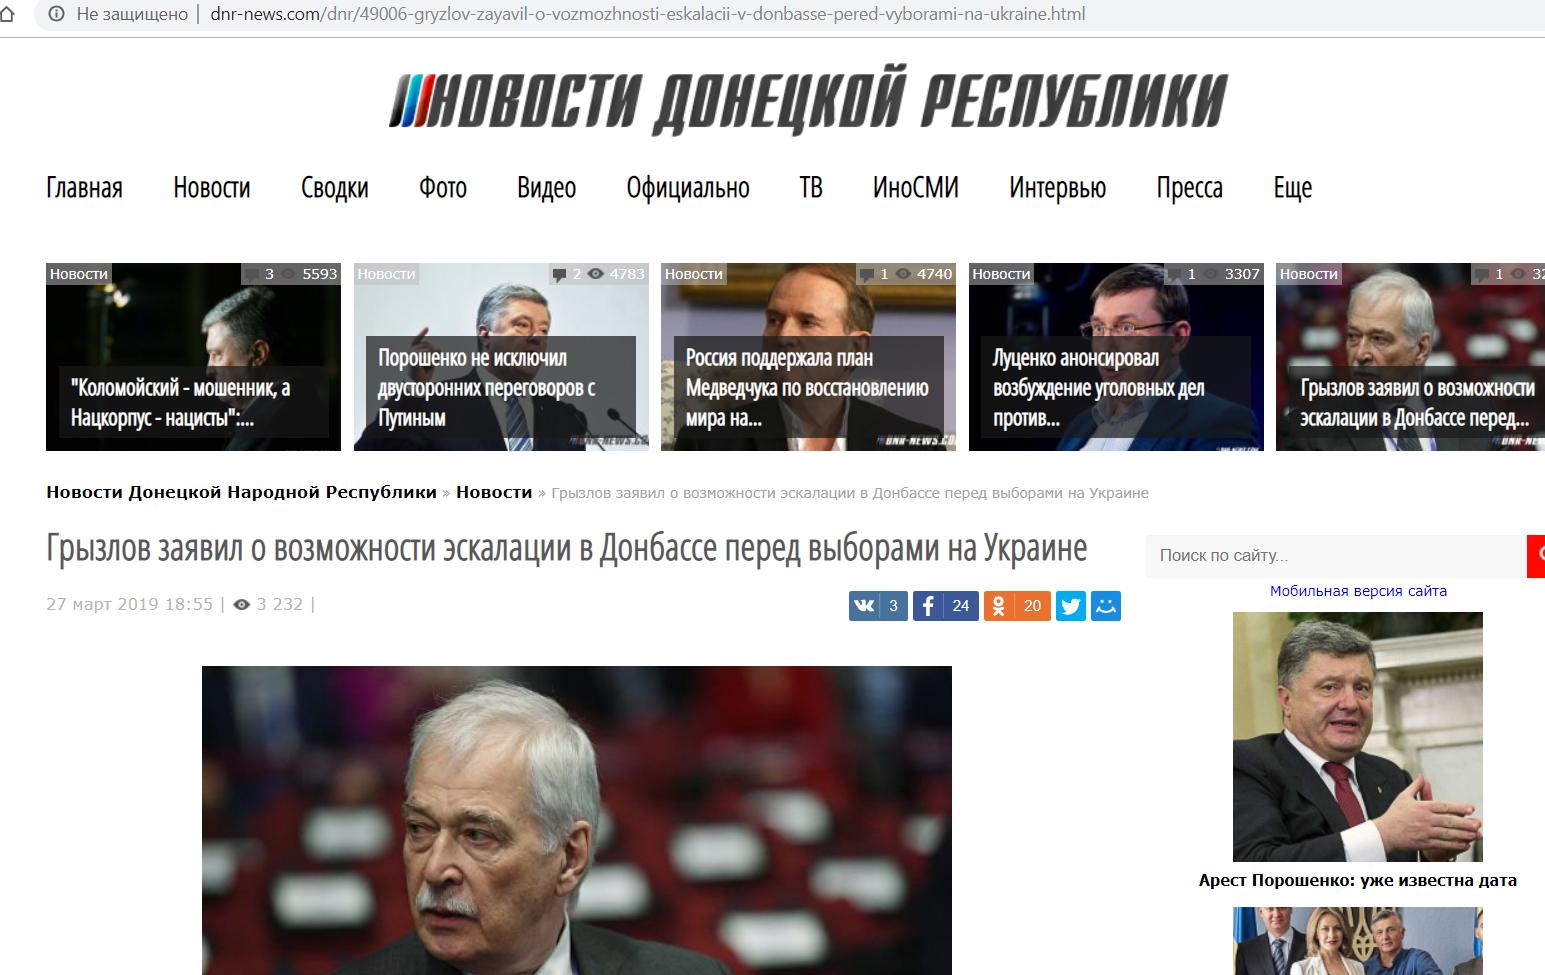 https://images.vfl.ru/ii/1553763105/da0a9f9b/25953720.png